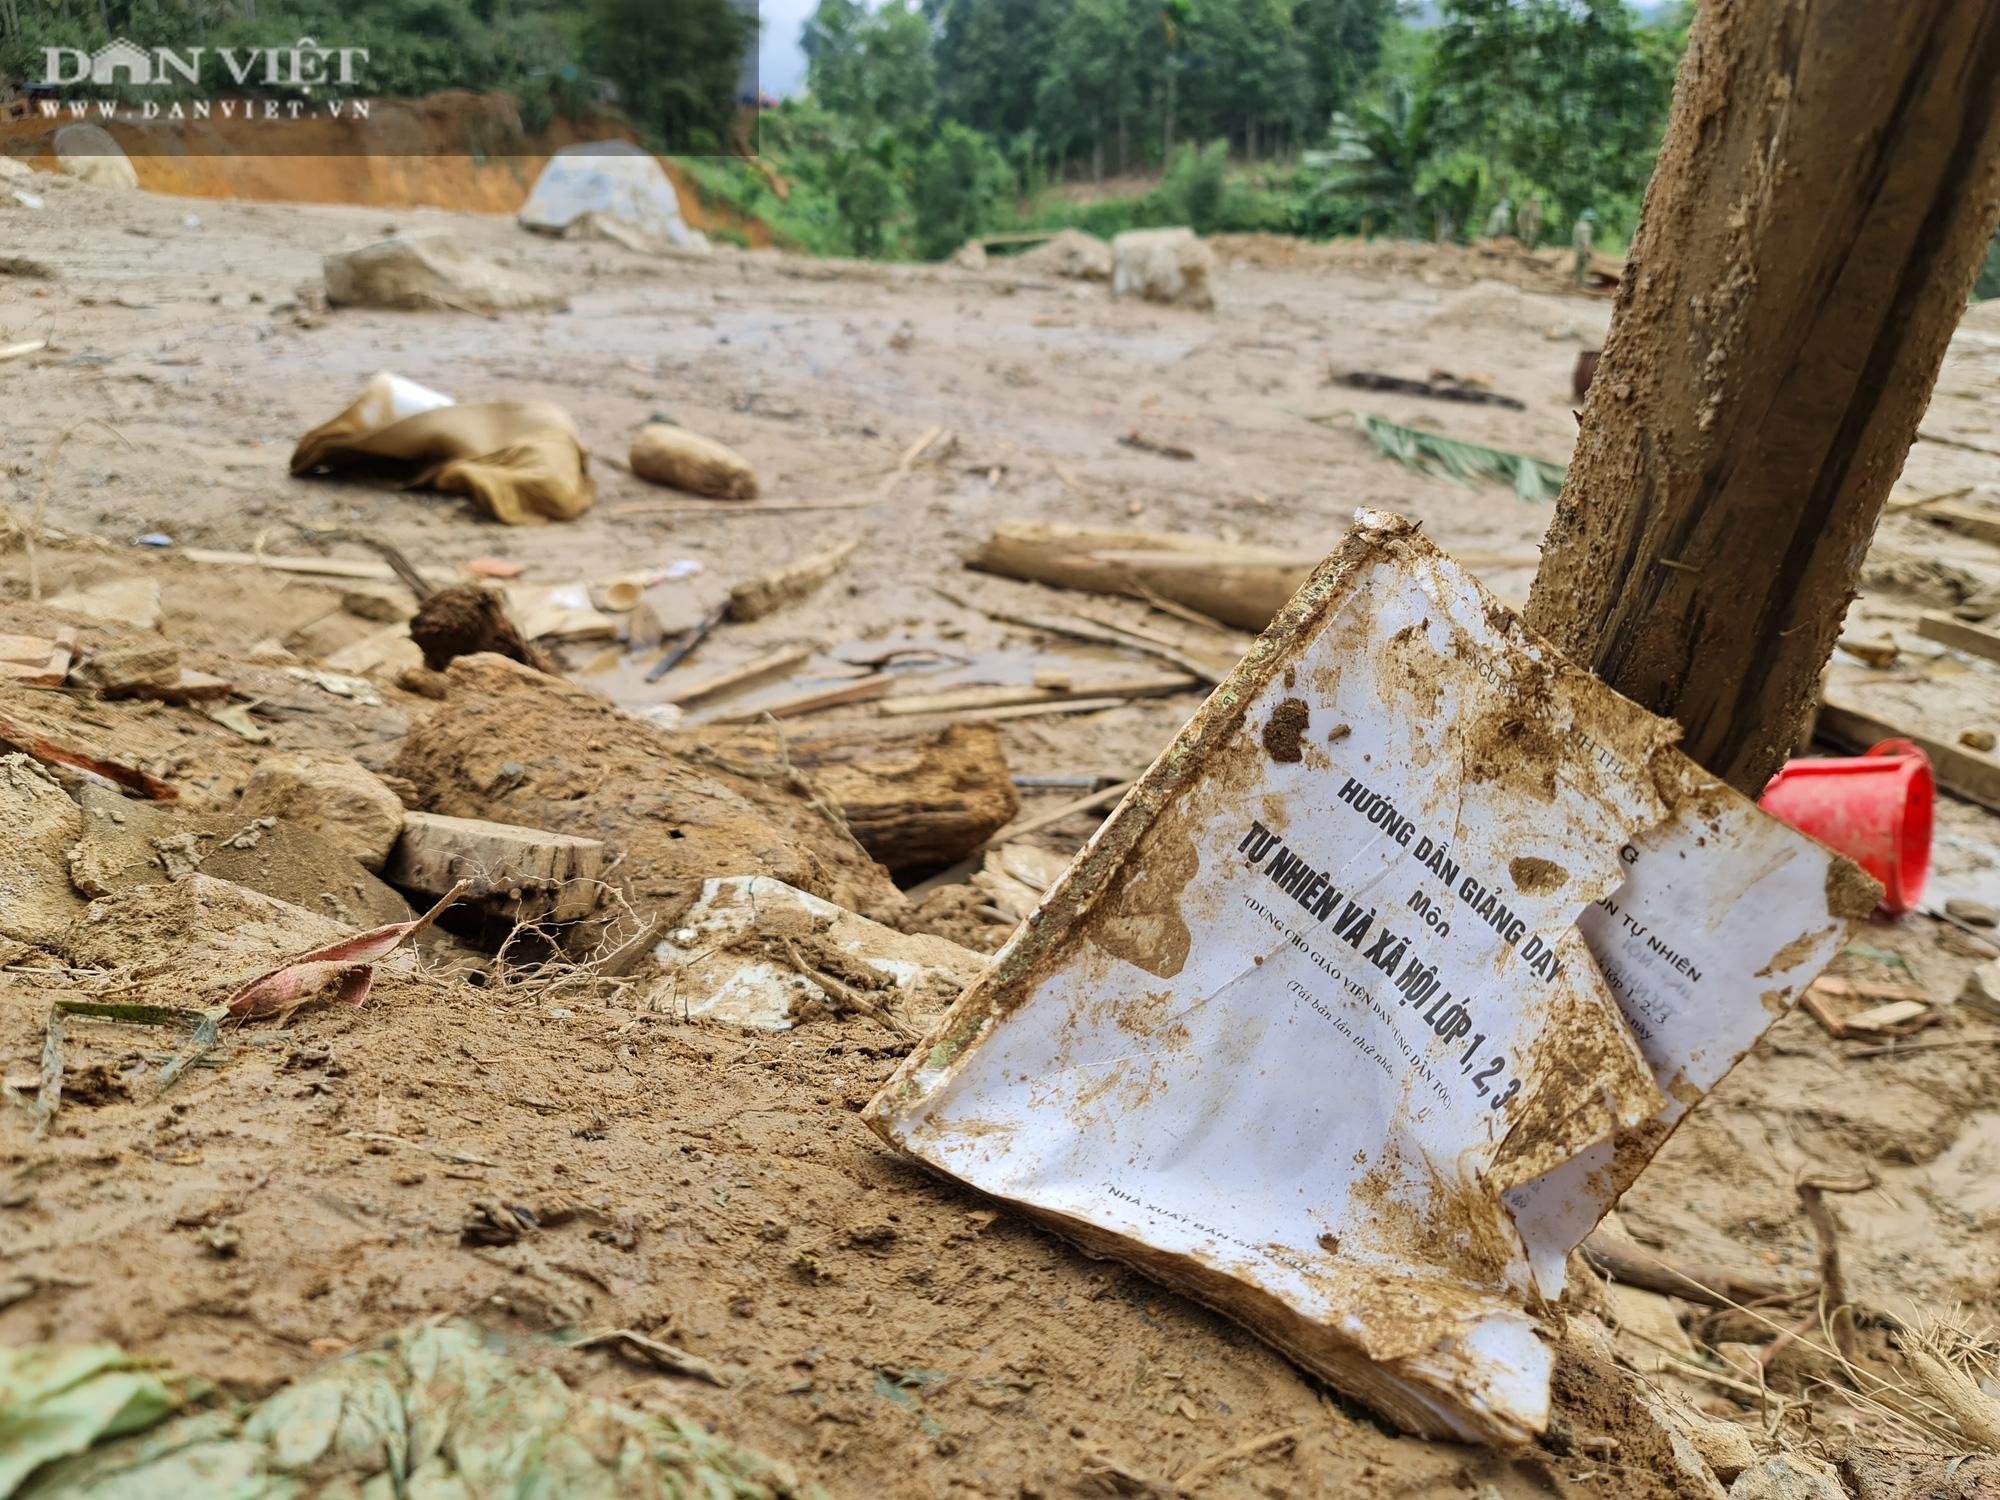 Sạt lở nghiên trọng ở Quảng Nam: Đẫm nước mắt nhìn cảnh tan nát ngôi làng Trà Leng - Ảnh 9.